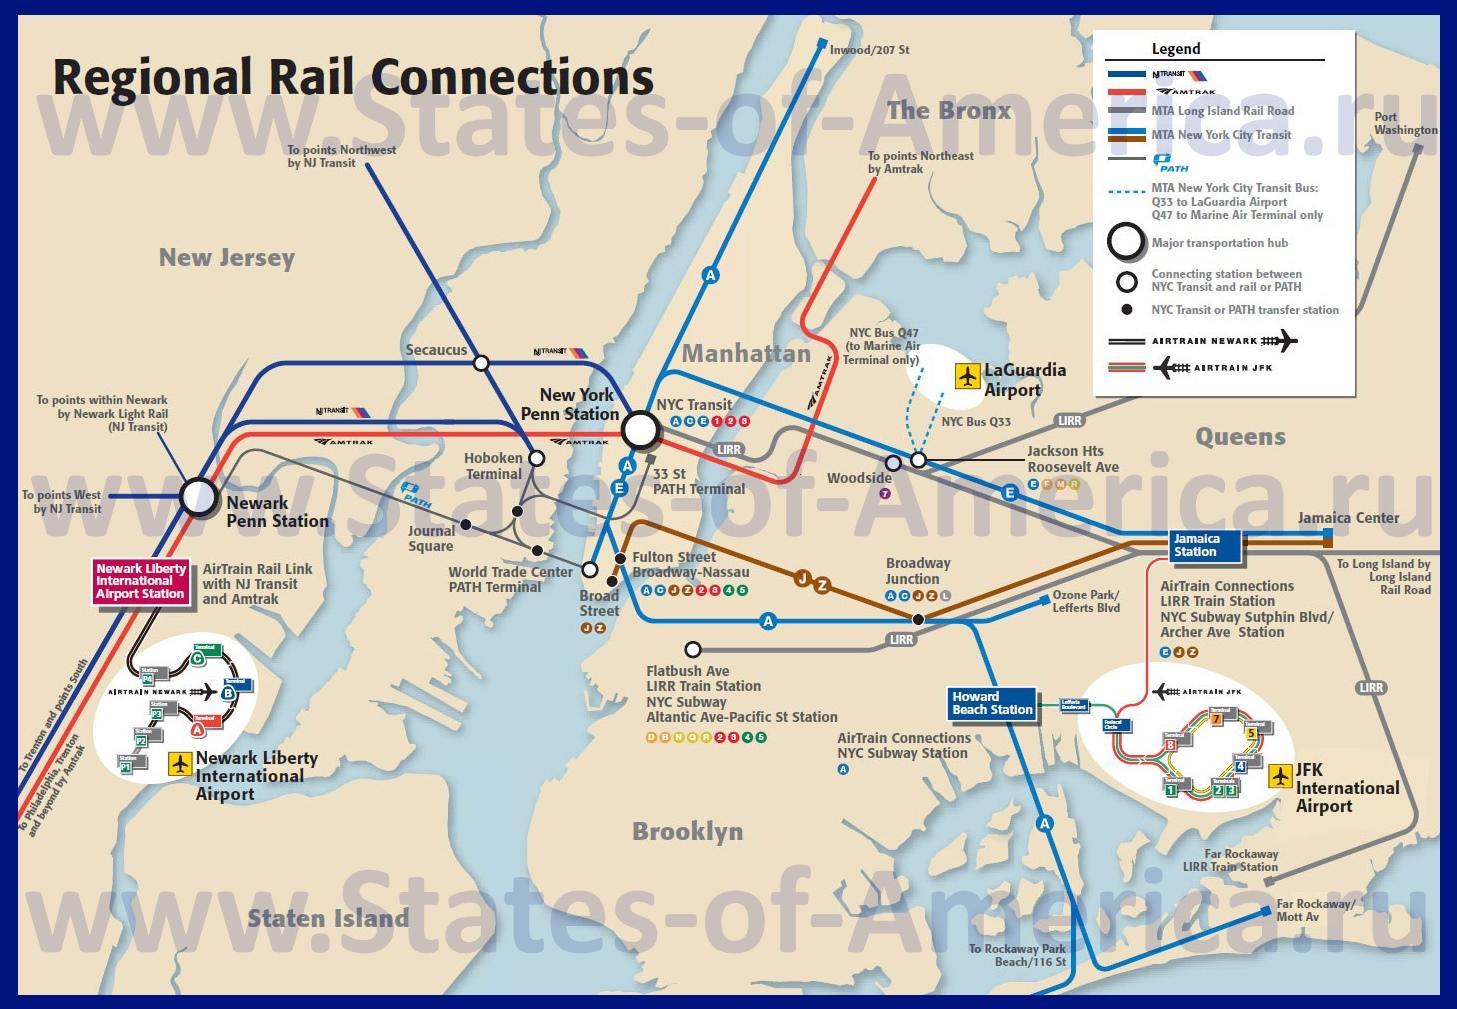 схема метро нью-йорку